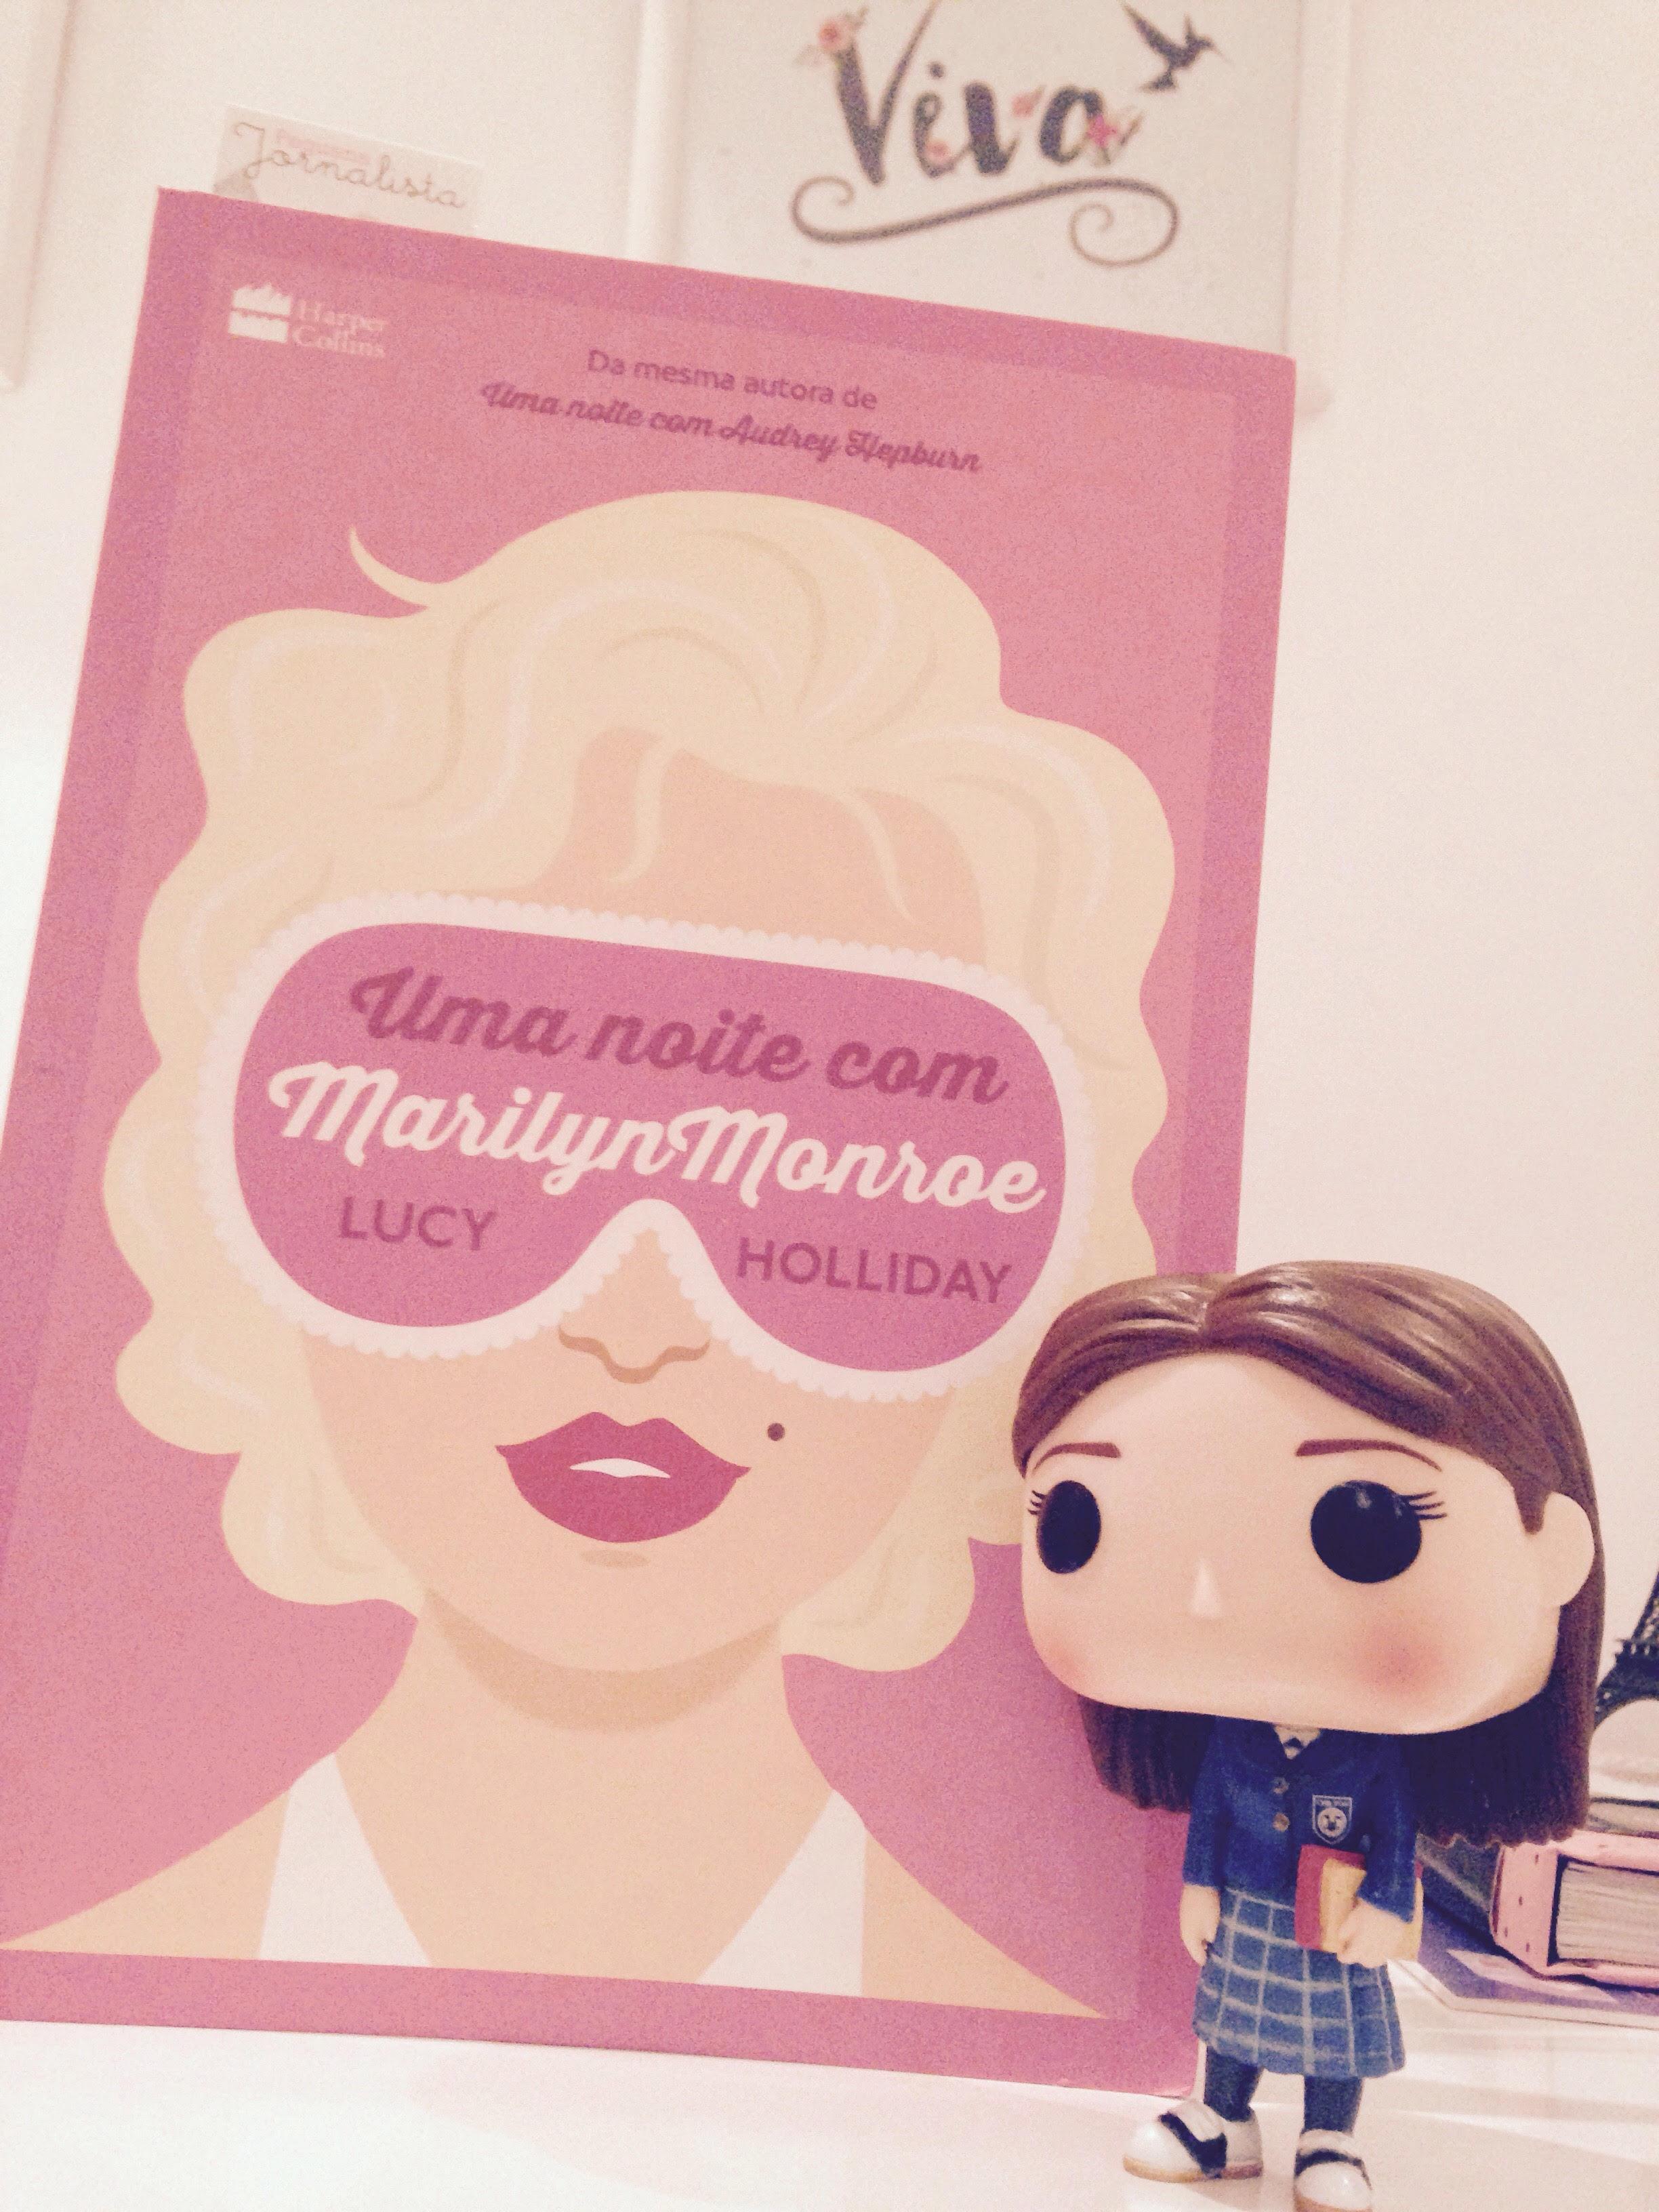 PJ Leu - Uma noite com Marilyn Monroe